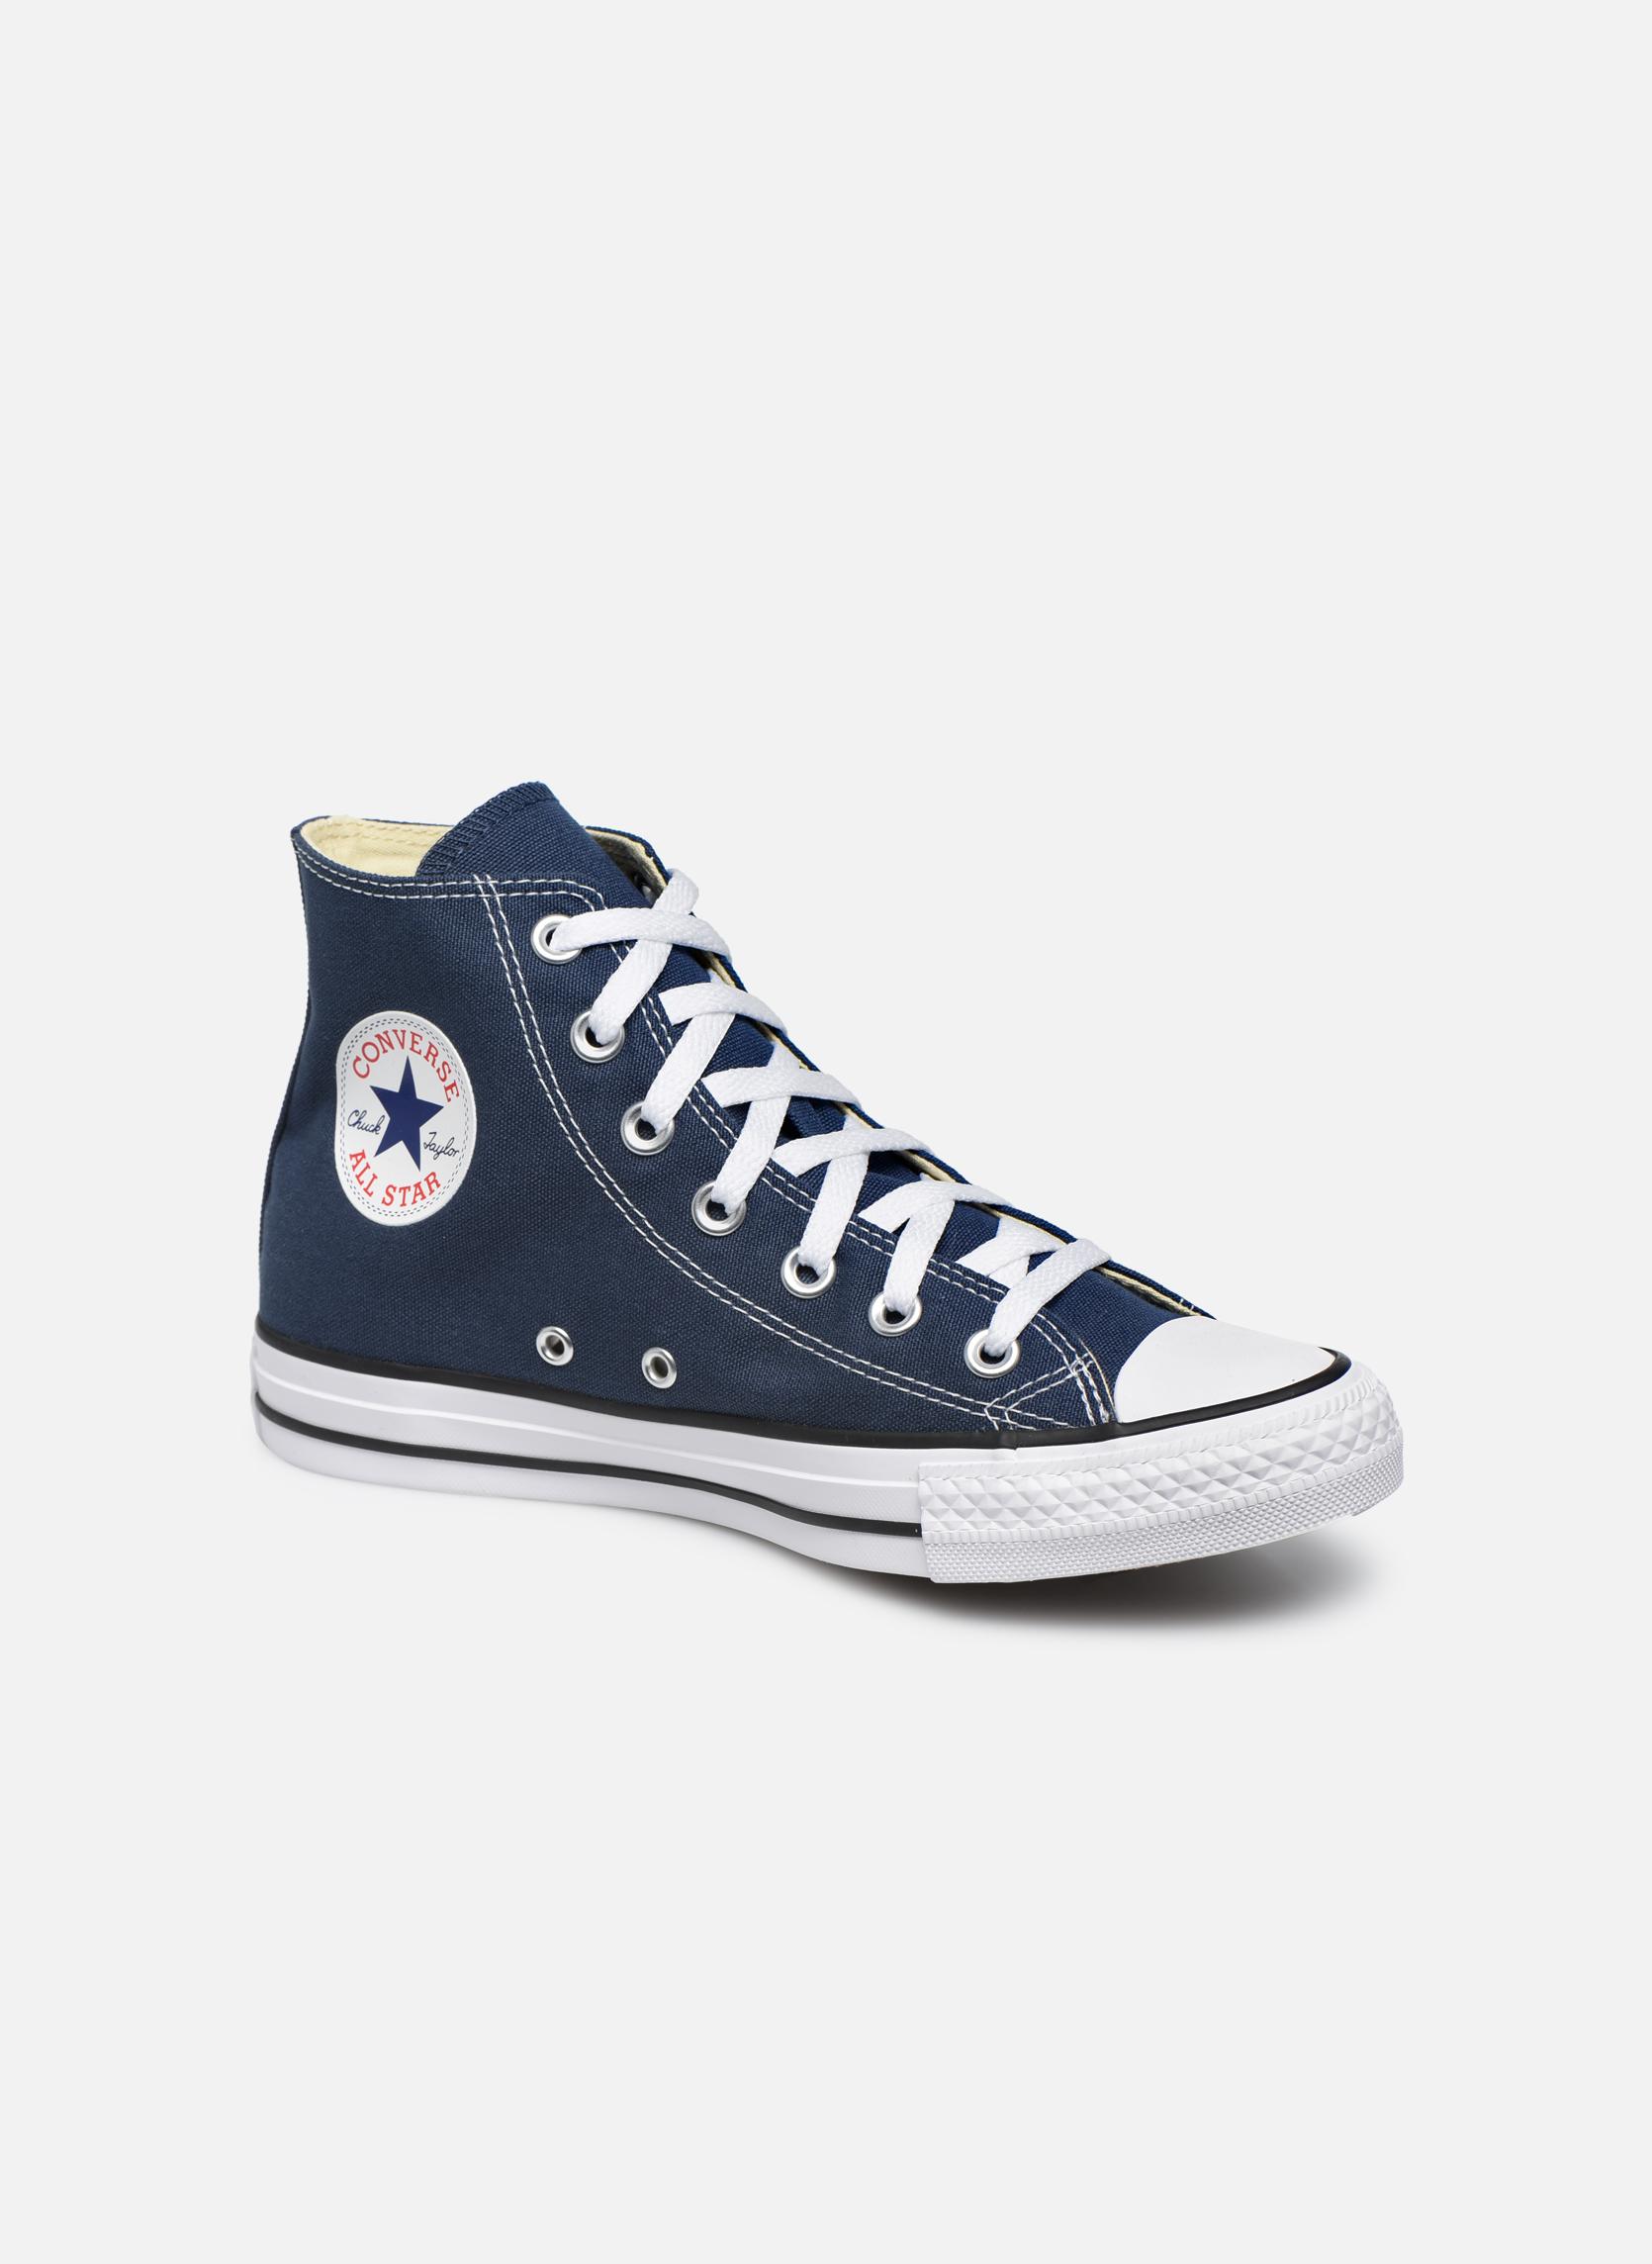 Barato Venta Compre por Converse All Star Hi W Calzado azul Comprar Oferta Precio Barato Compra de venta En línea barato r0imNXA